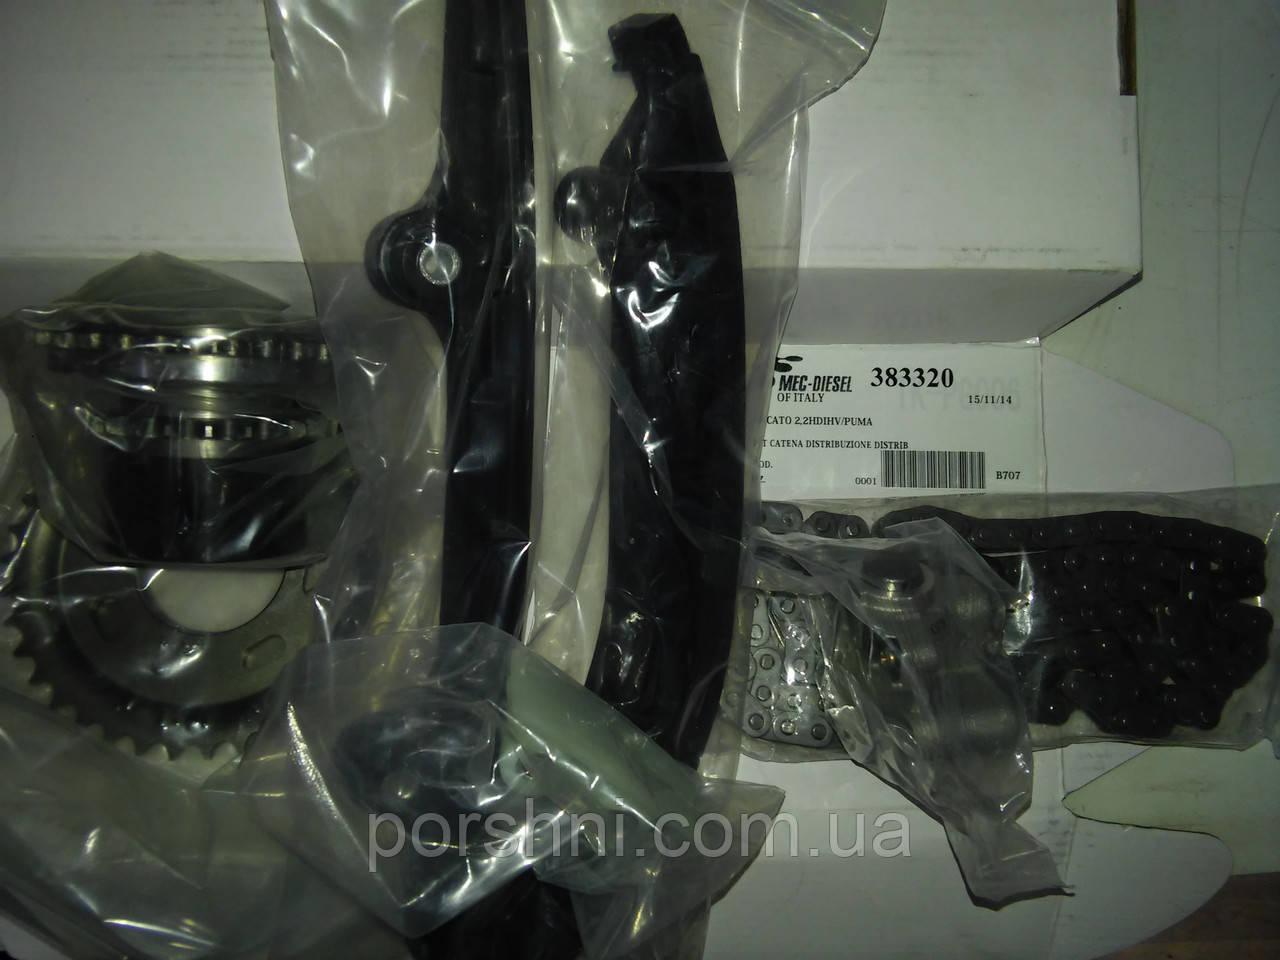 Комплект ГРМ  Ford  Трansit  2.2 TDCI V347  2006 > CMC 383320